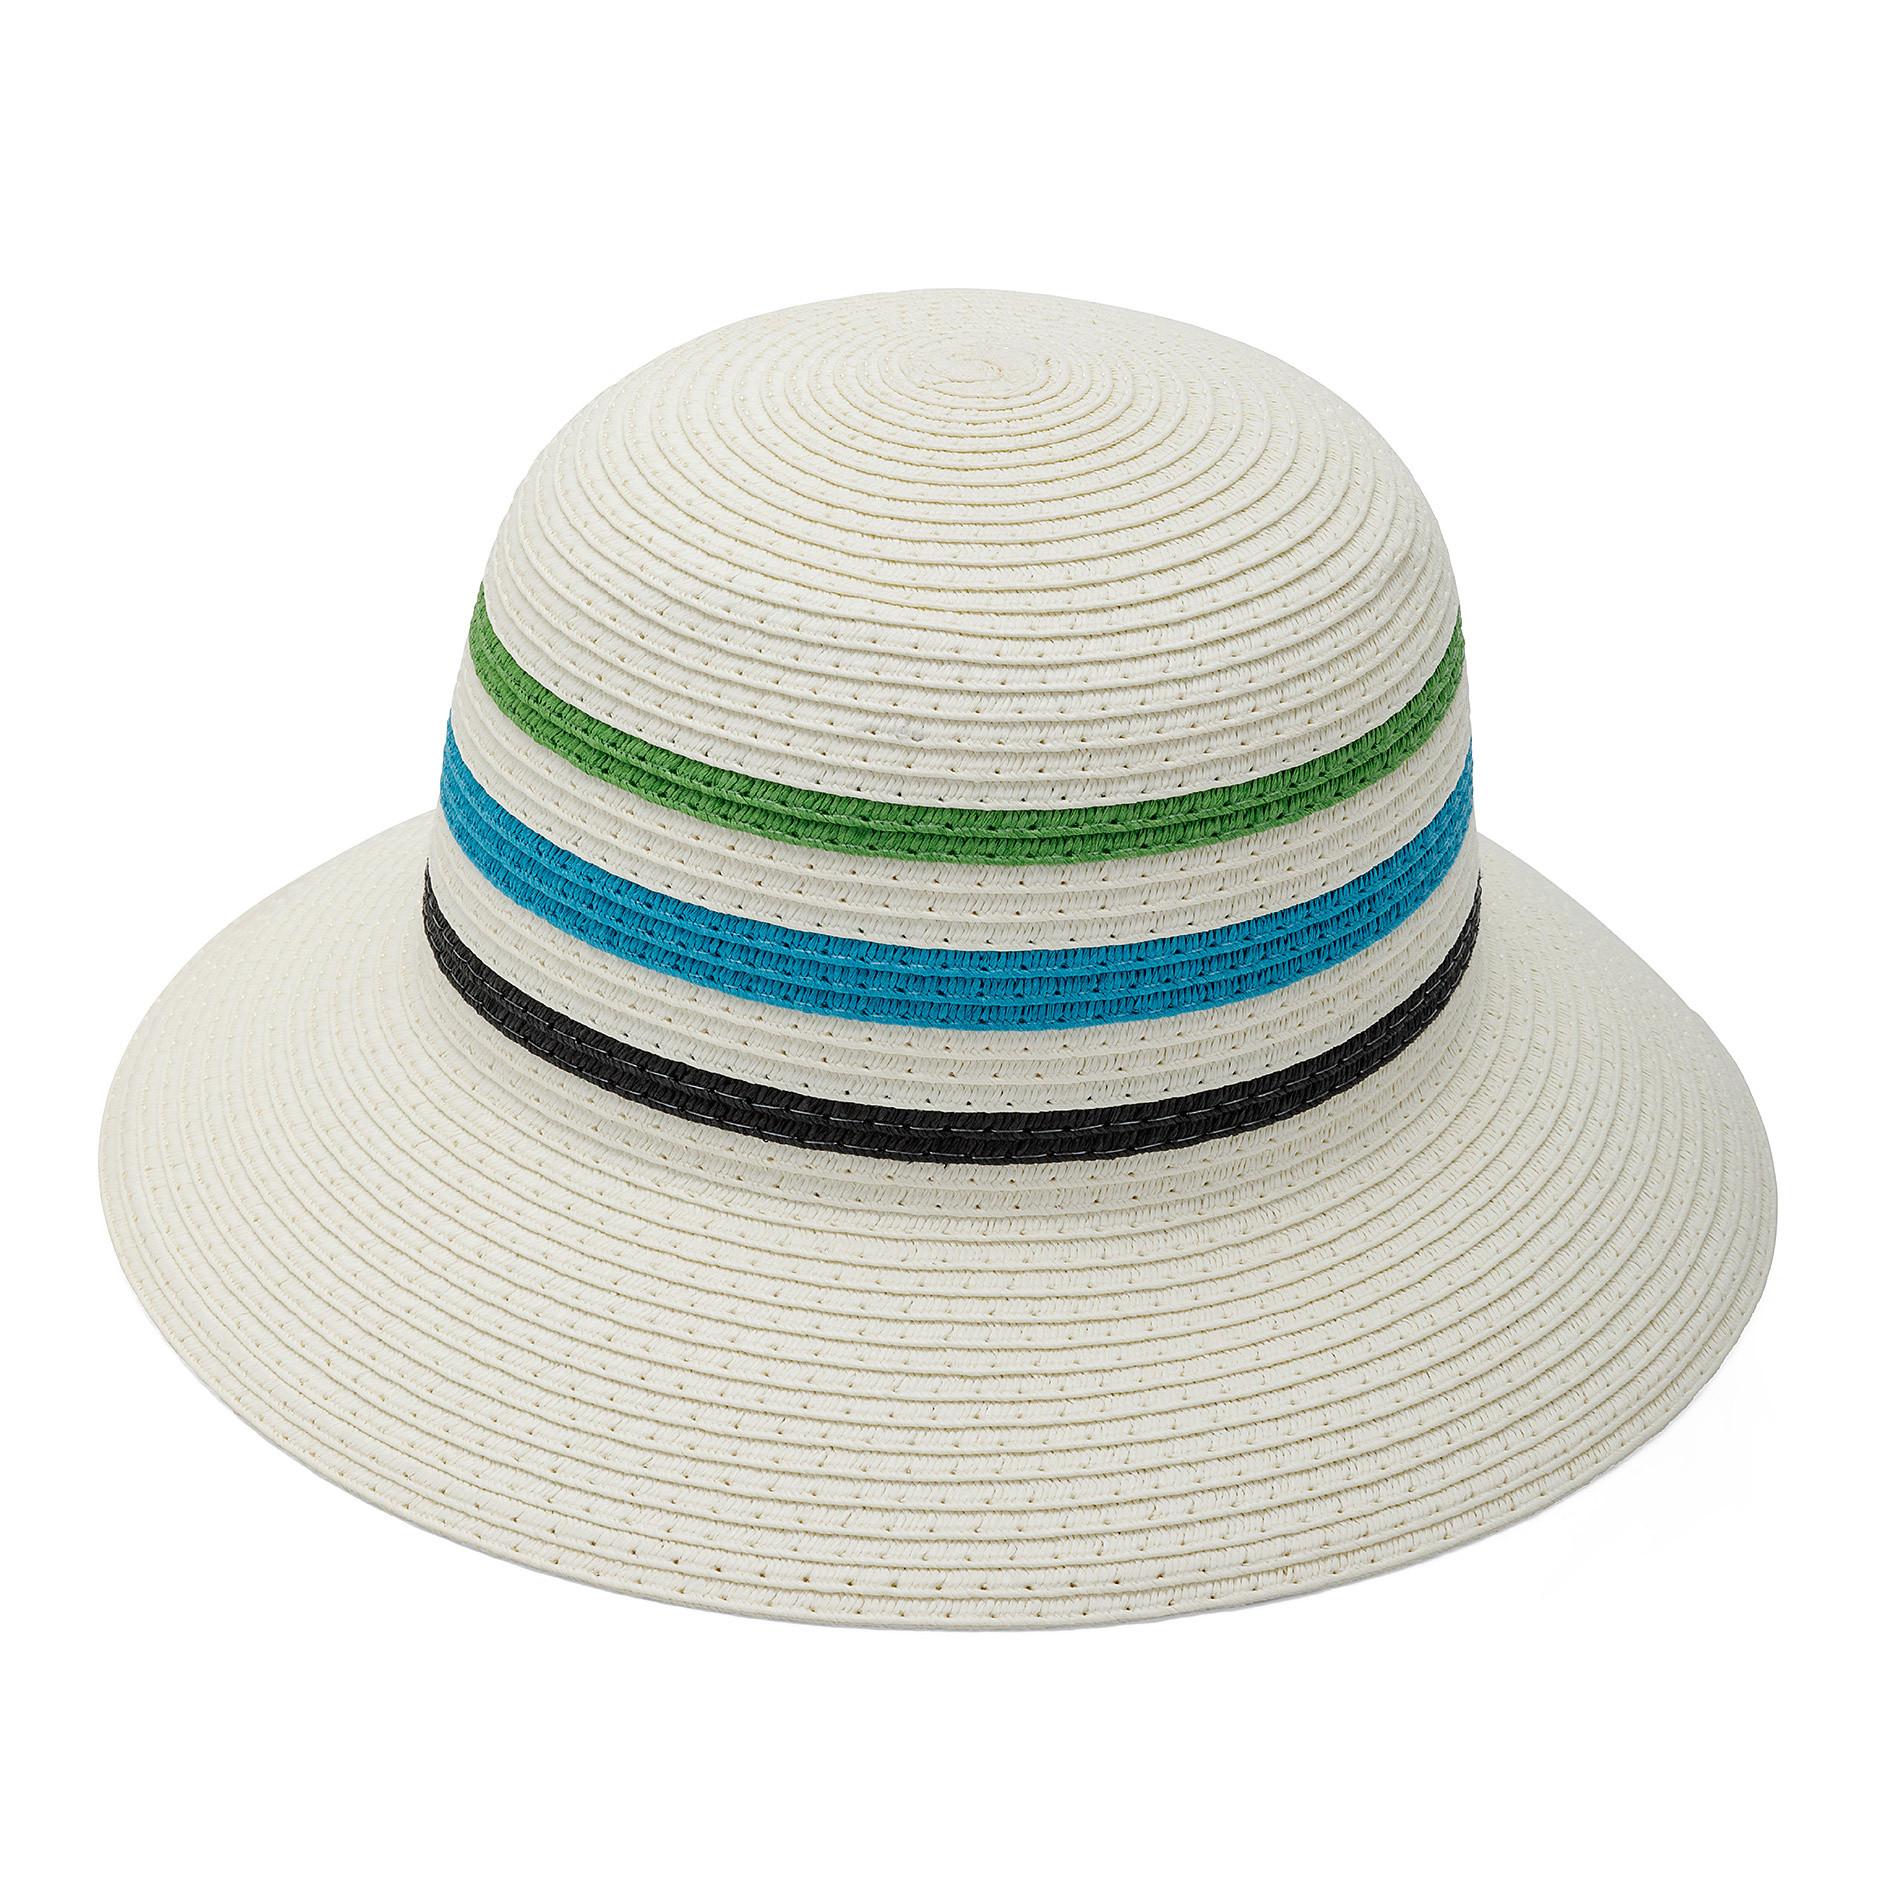 Cappello di paglia a tre righe Koan, Azzurro, large image number 0